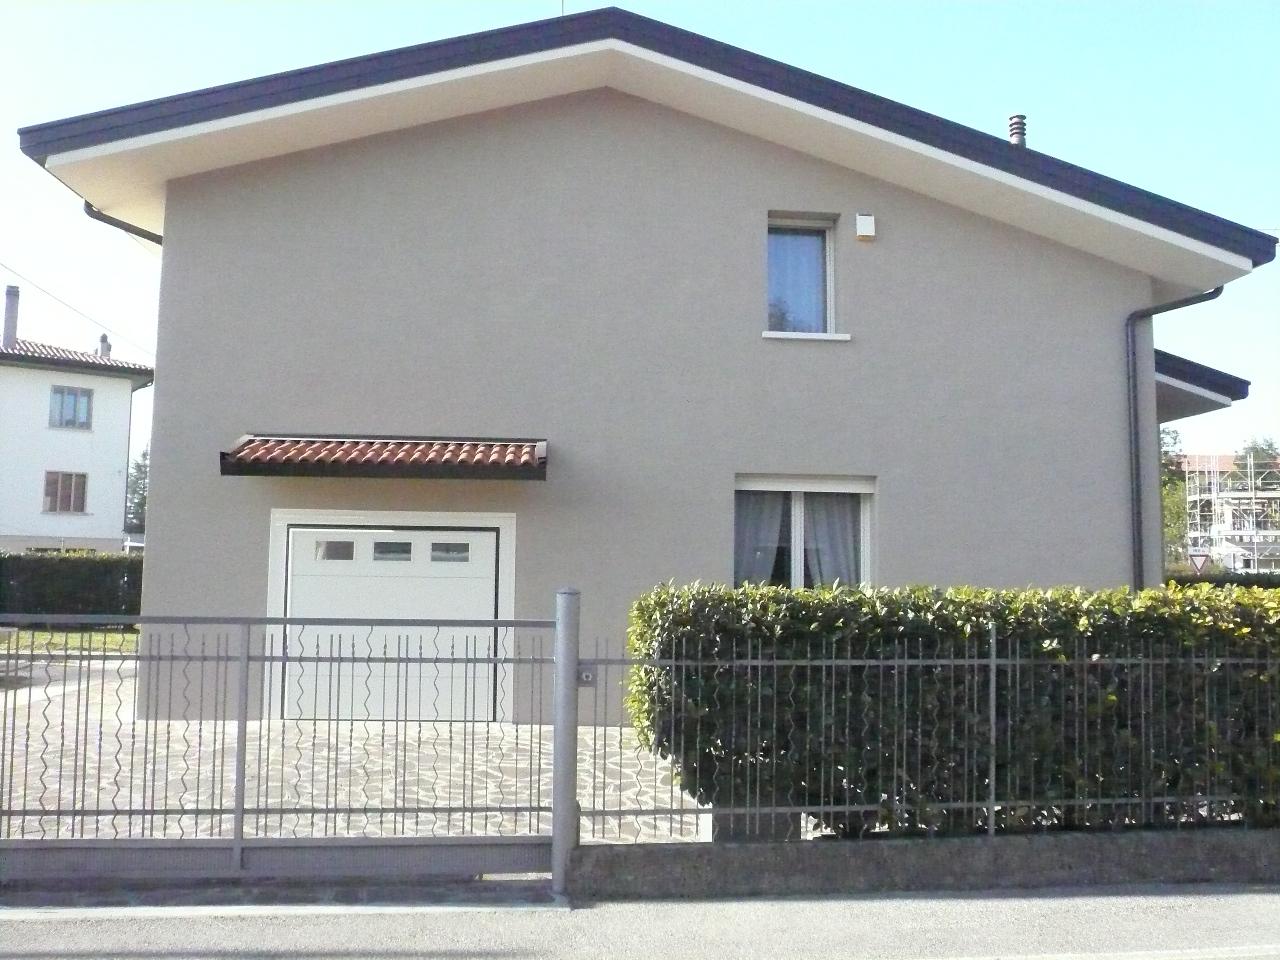 Villa in vendita a Silea, 10 locali, zona Zona: Lanzago, prezzo € 280.000 | CambioCasa.it